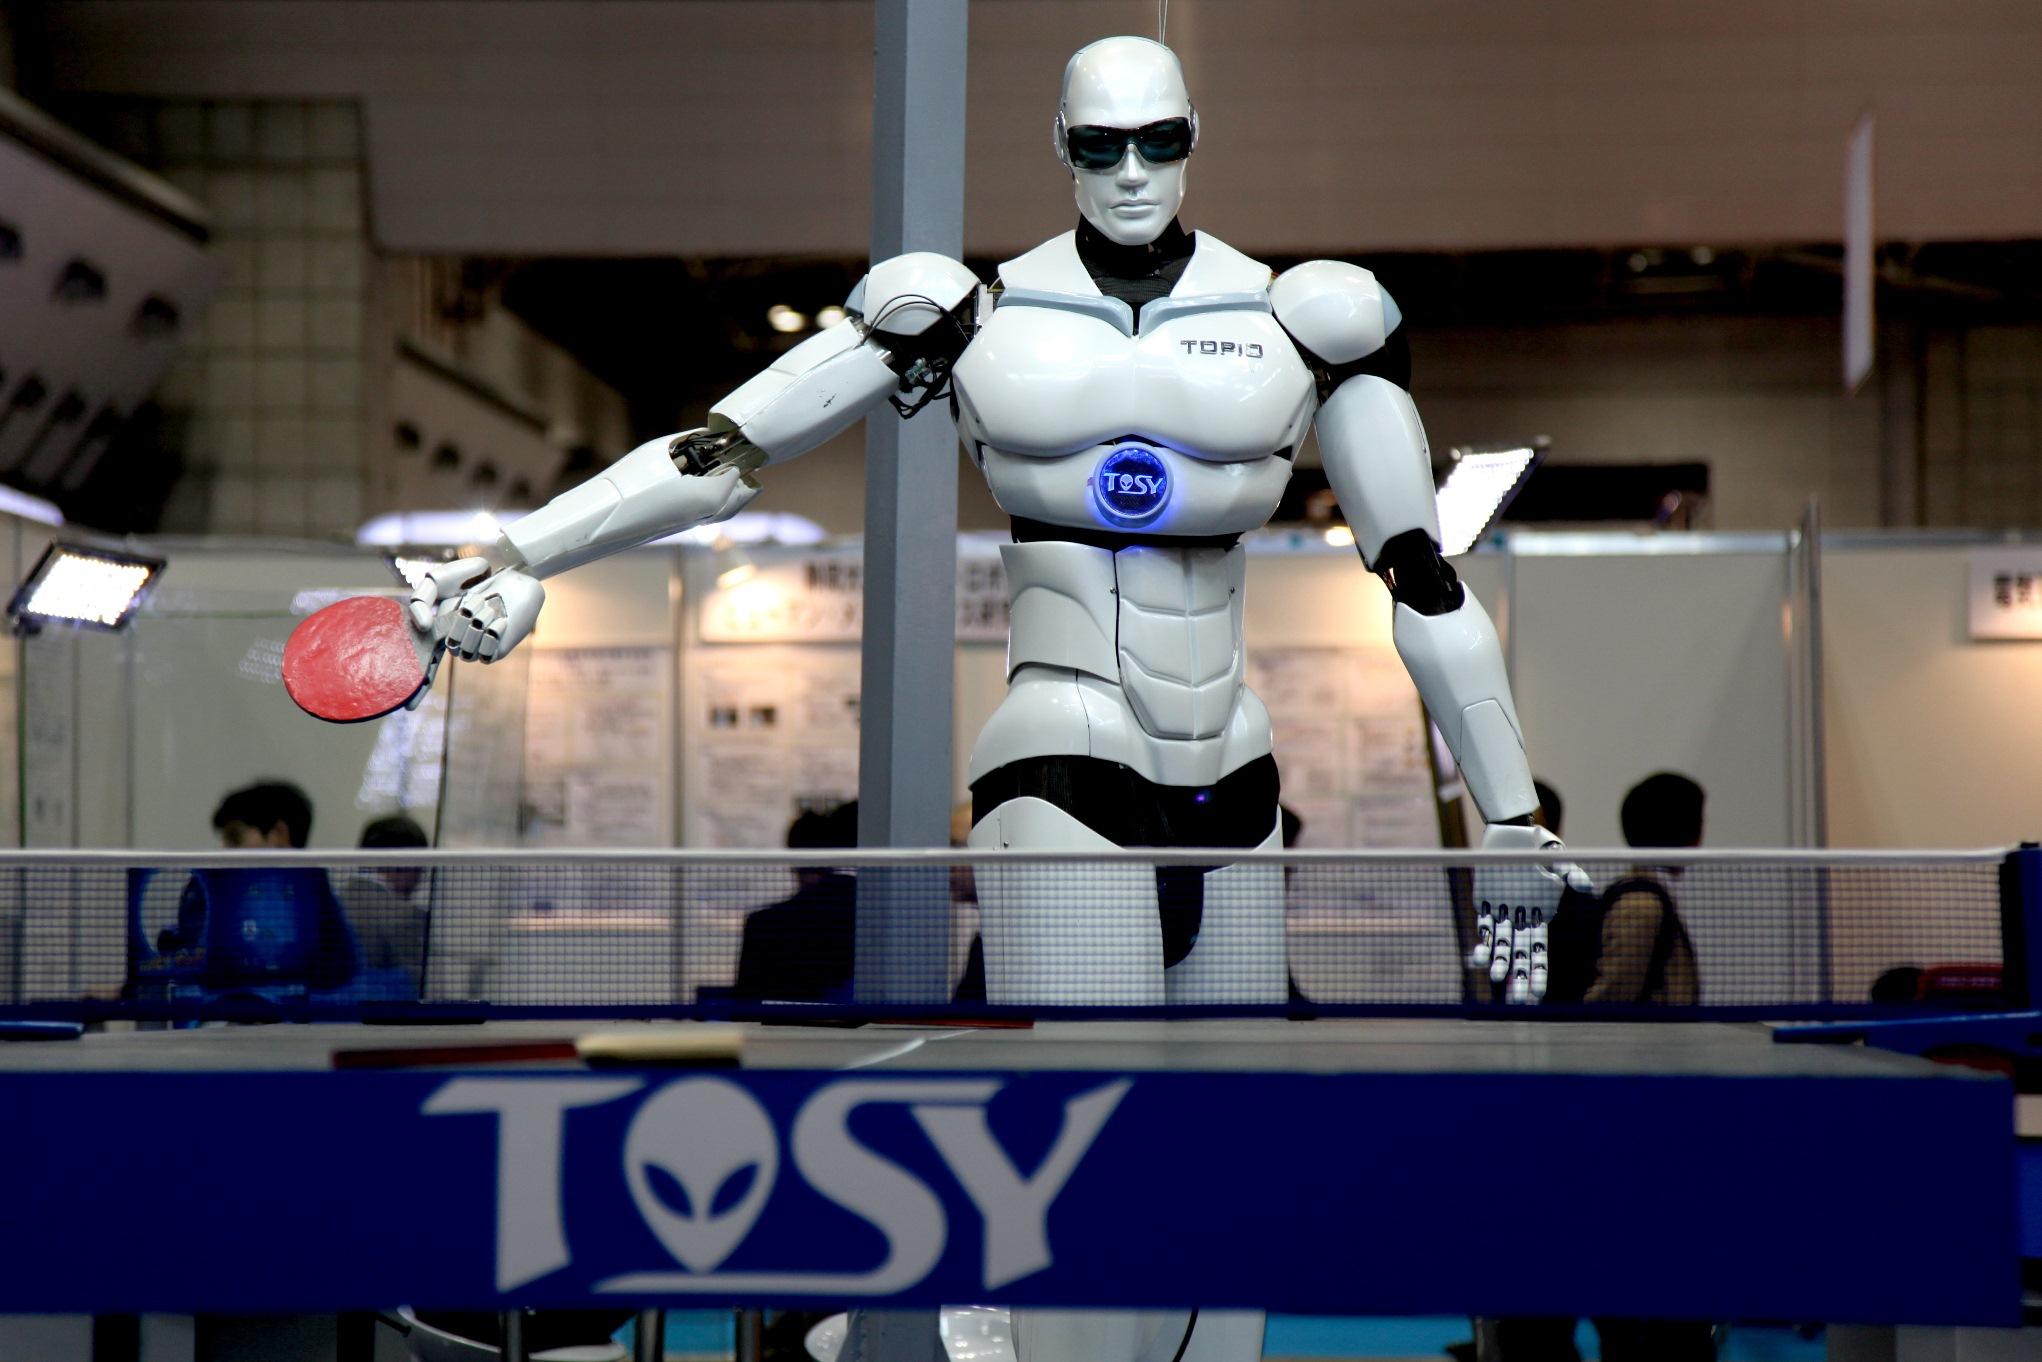 Hola robot ¿me ayudas con esto?